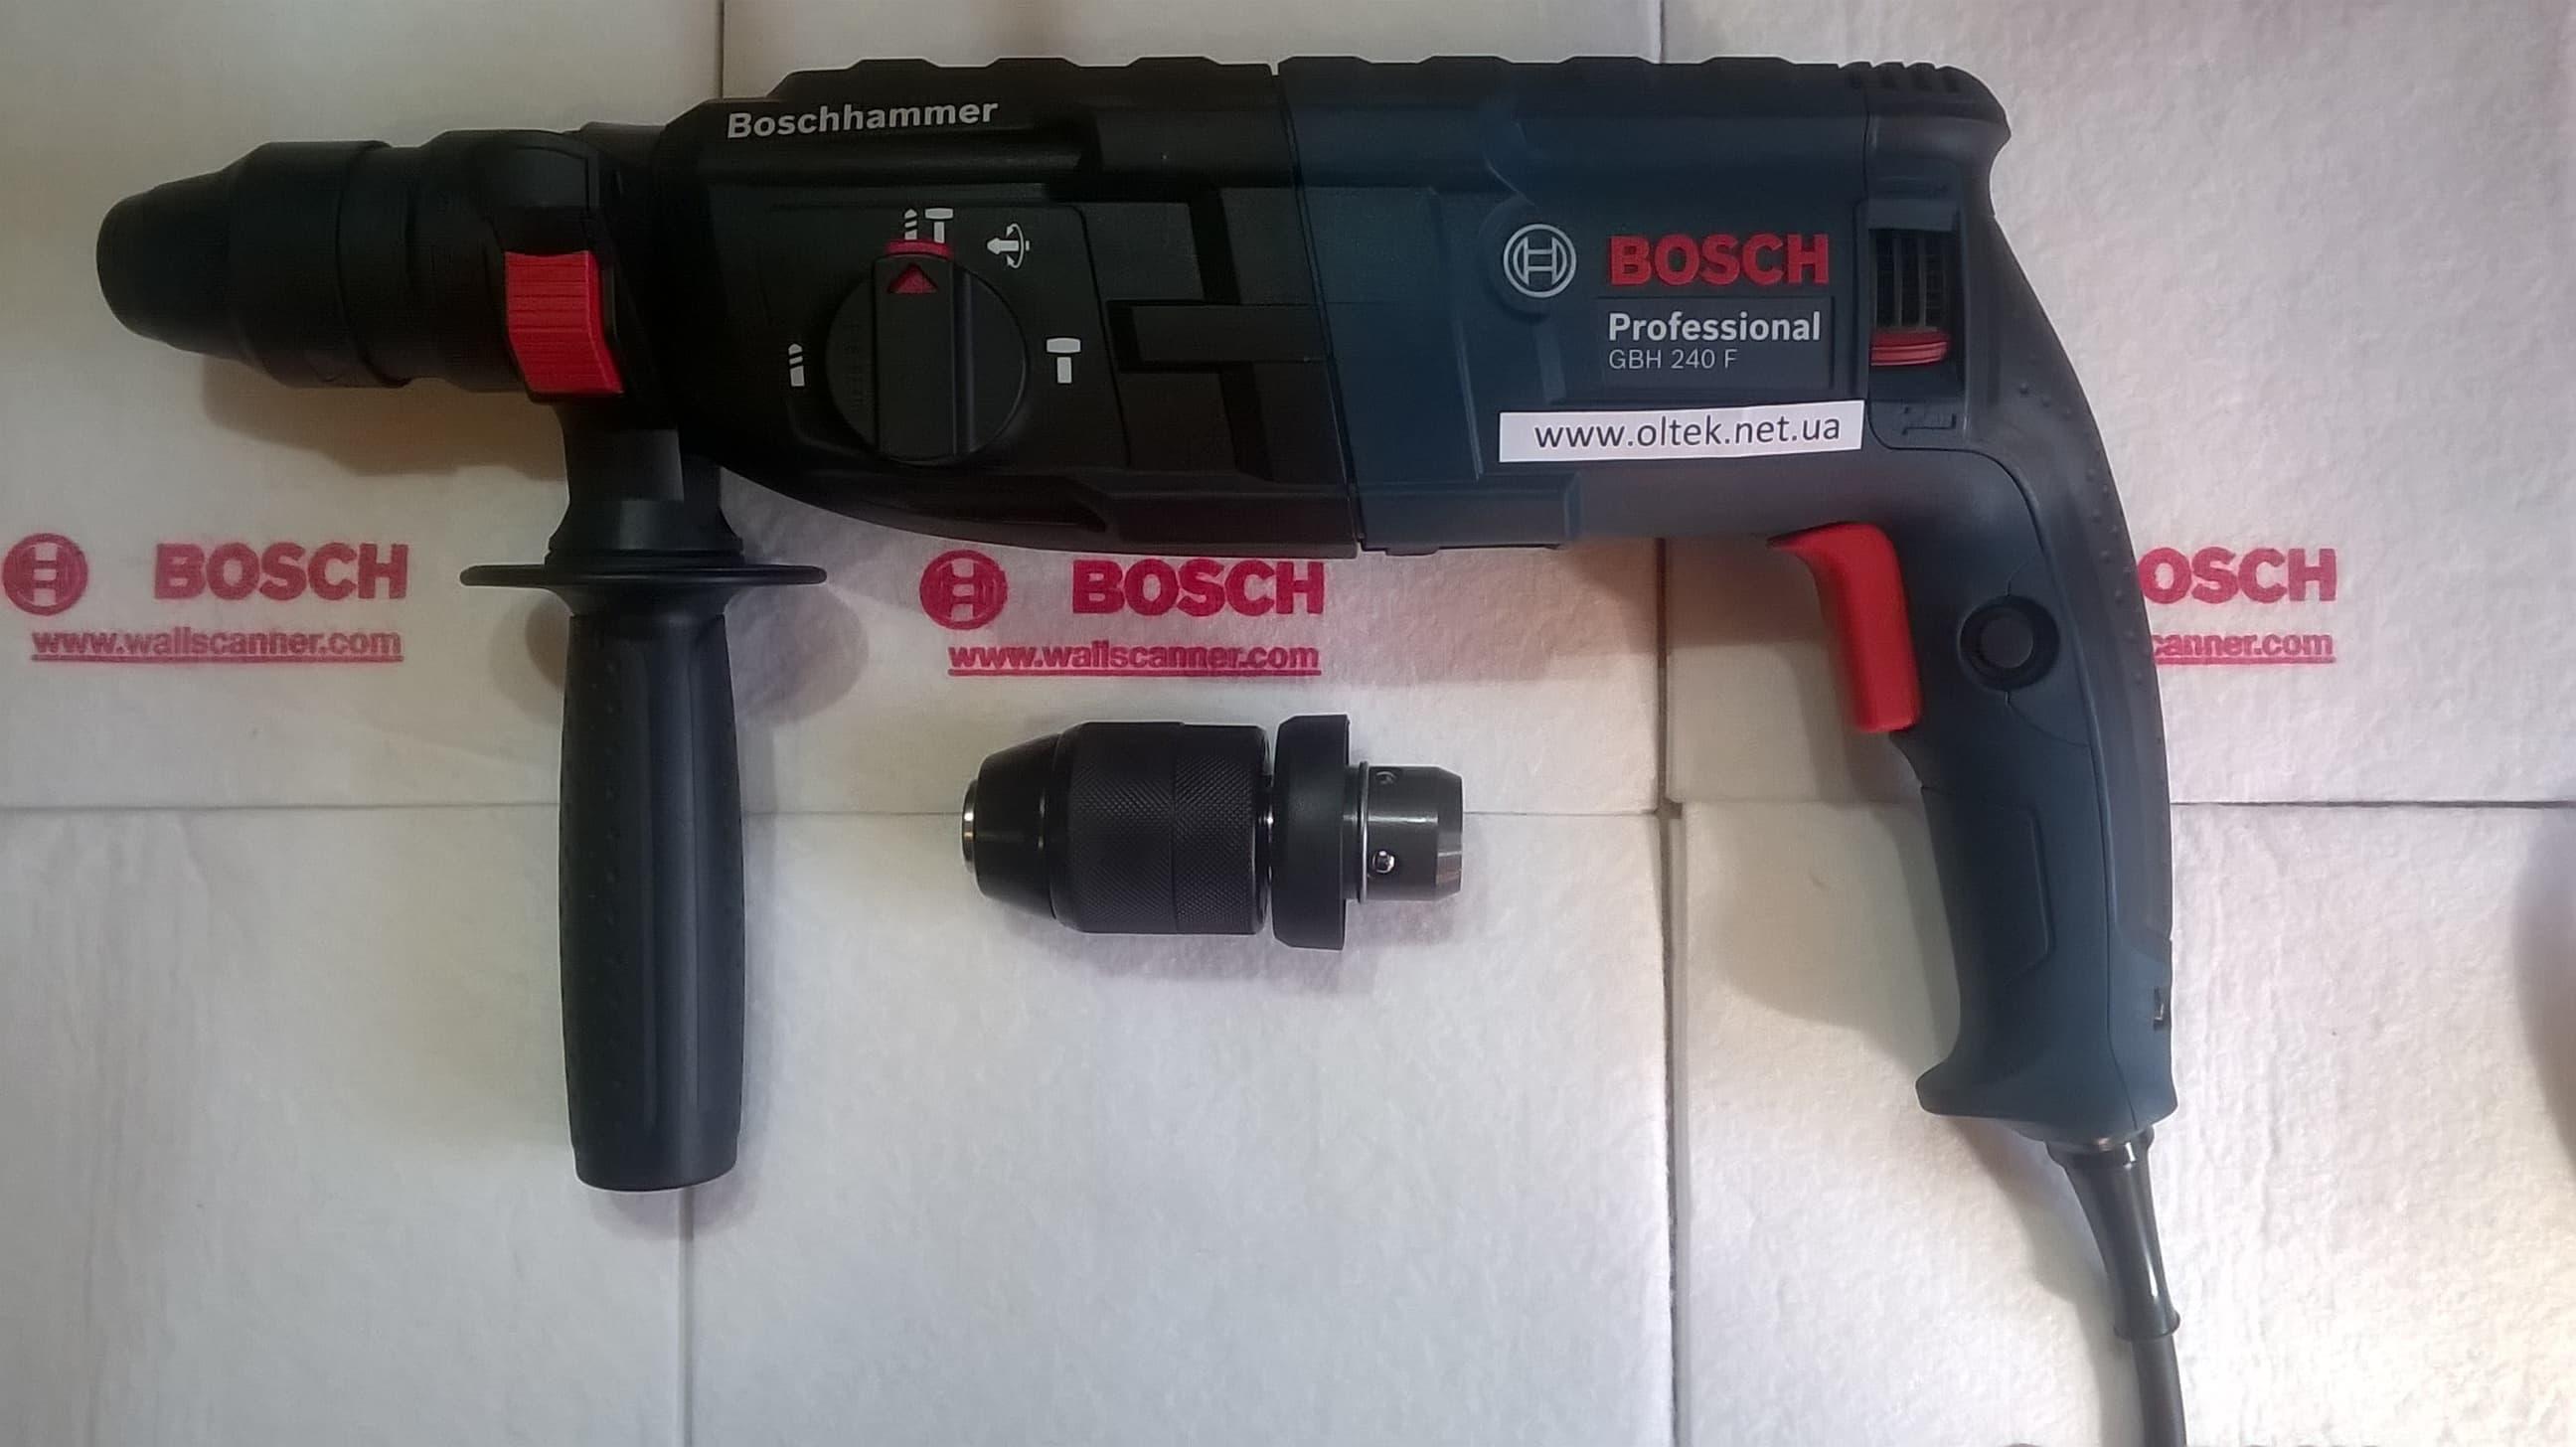 bosch-GBH-240-F